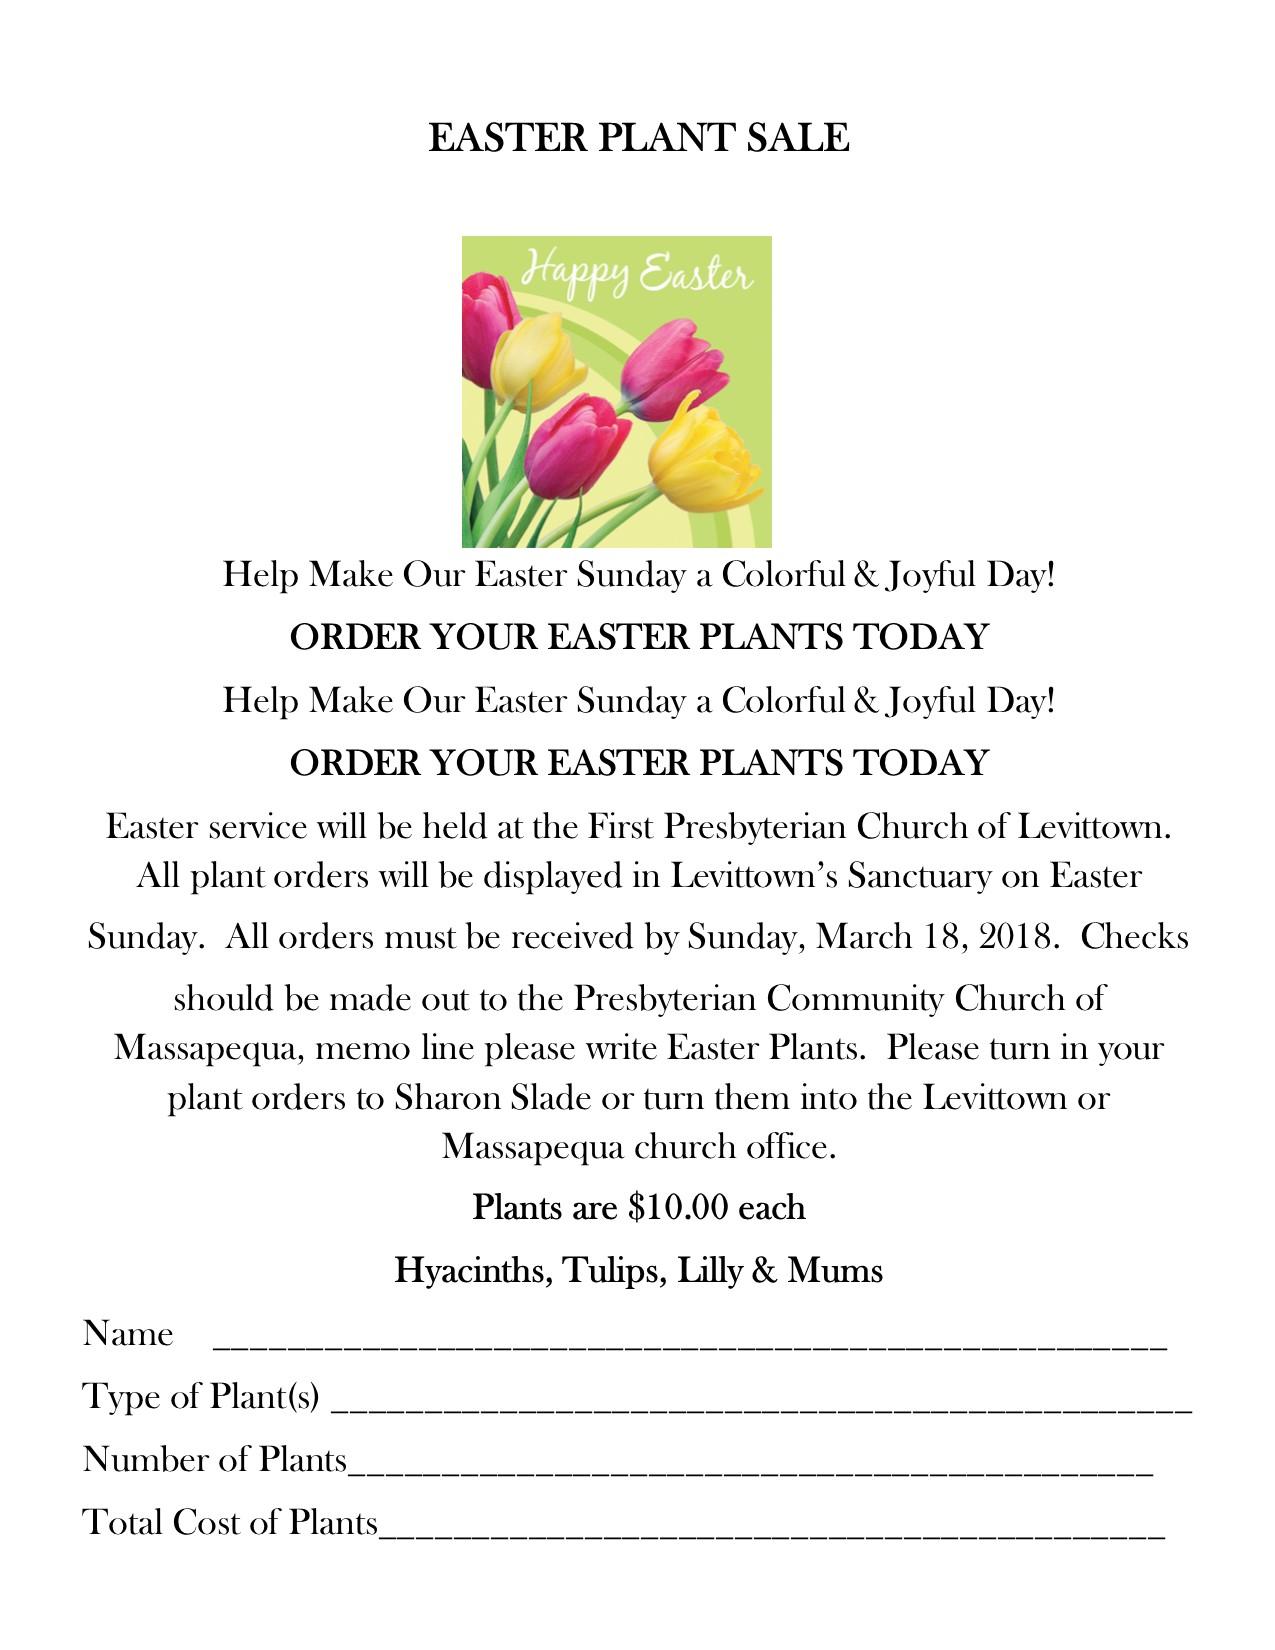 Easter Plants 2018.jpg